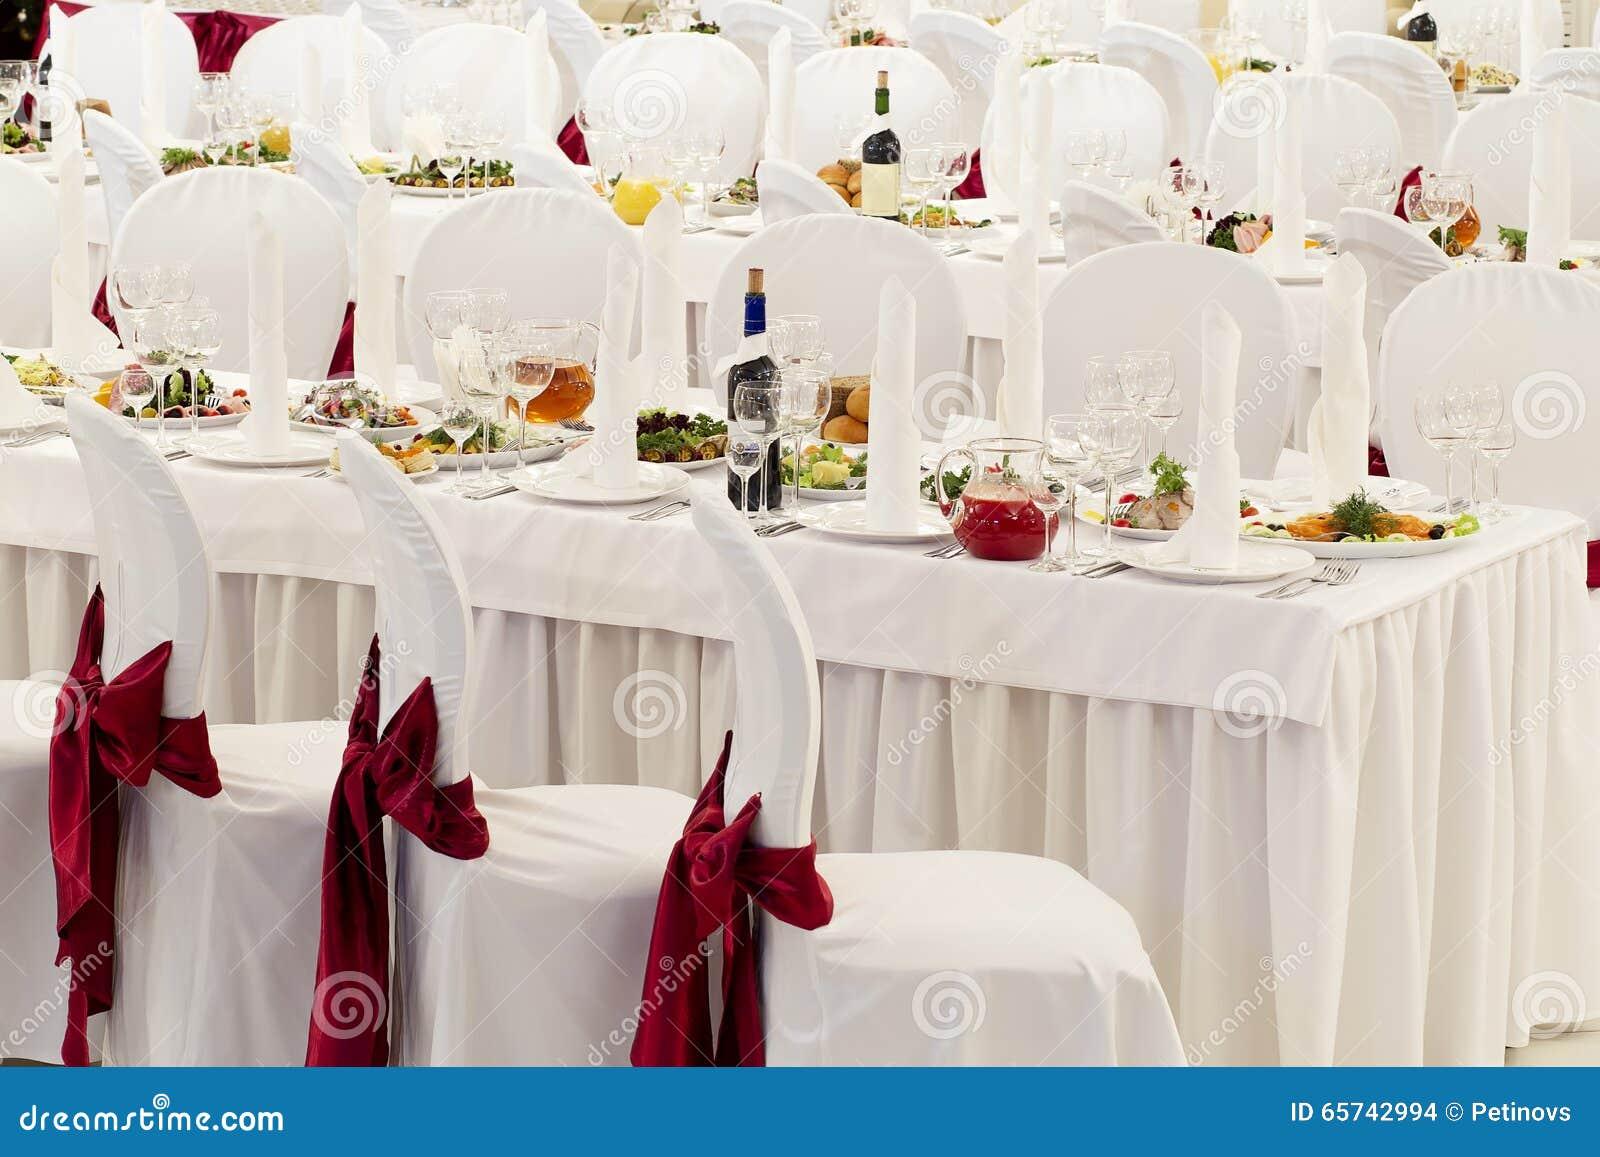 une salle de banquet de restaurant d cor e pour un mariage. Black Bedroom Furniture Sets. Home Design Ideas